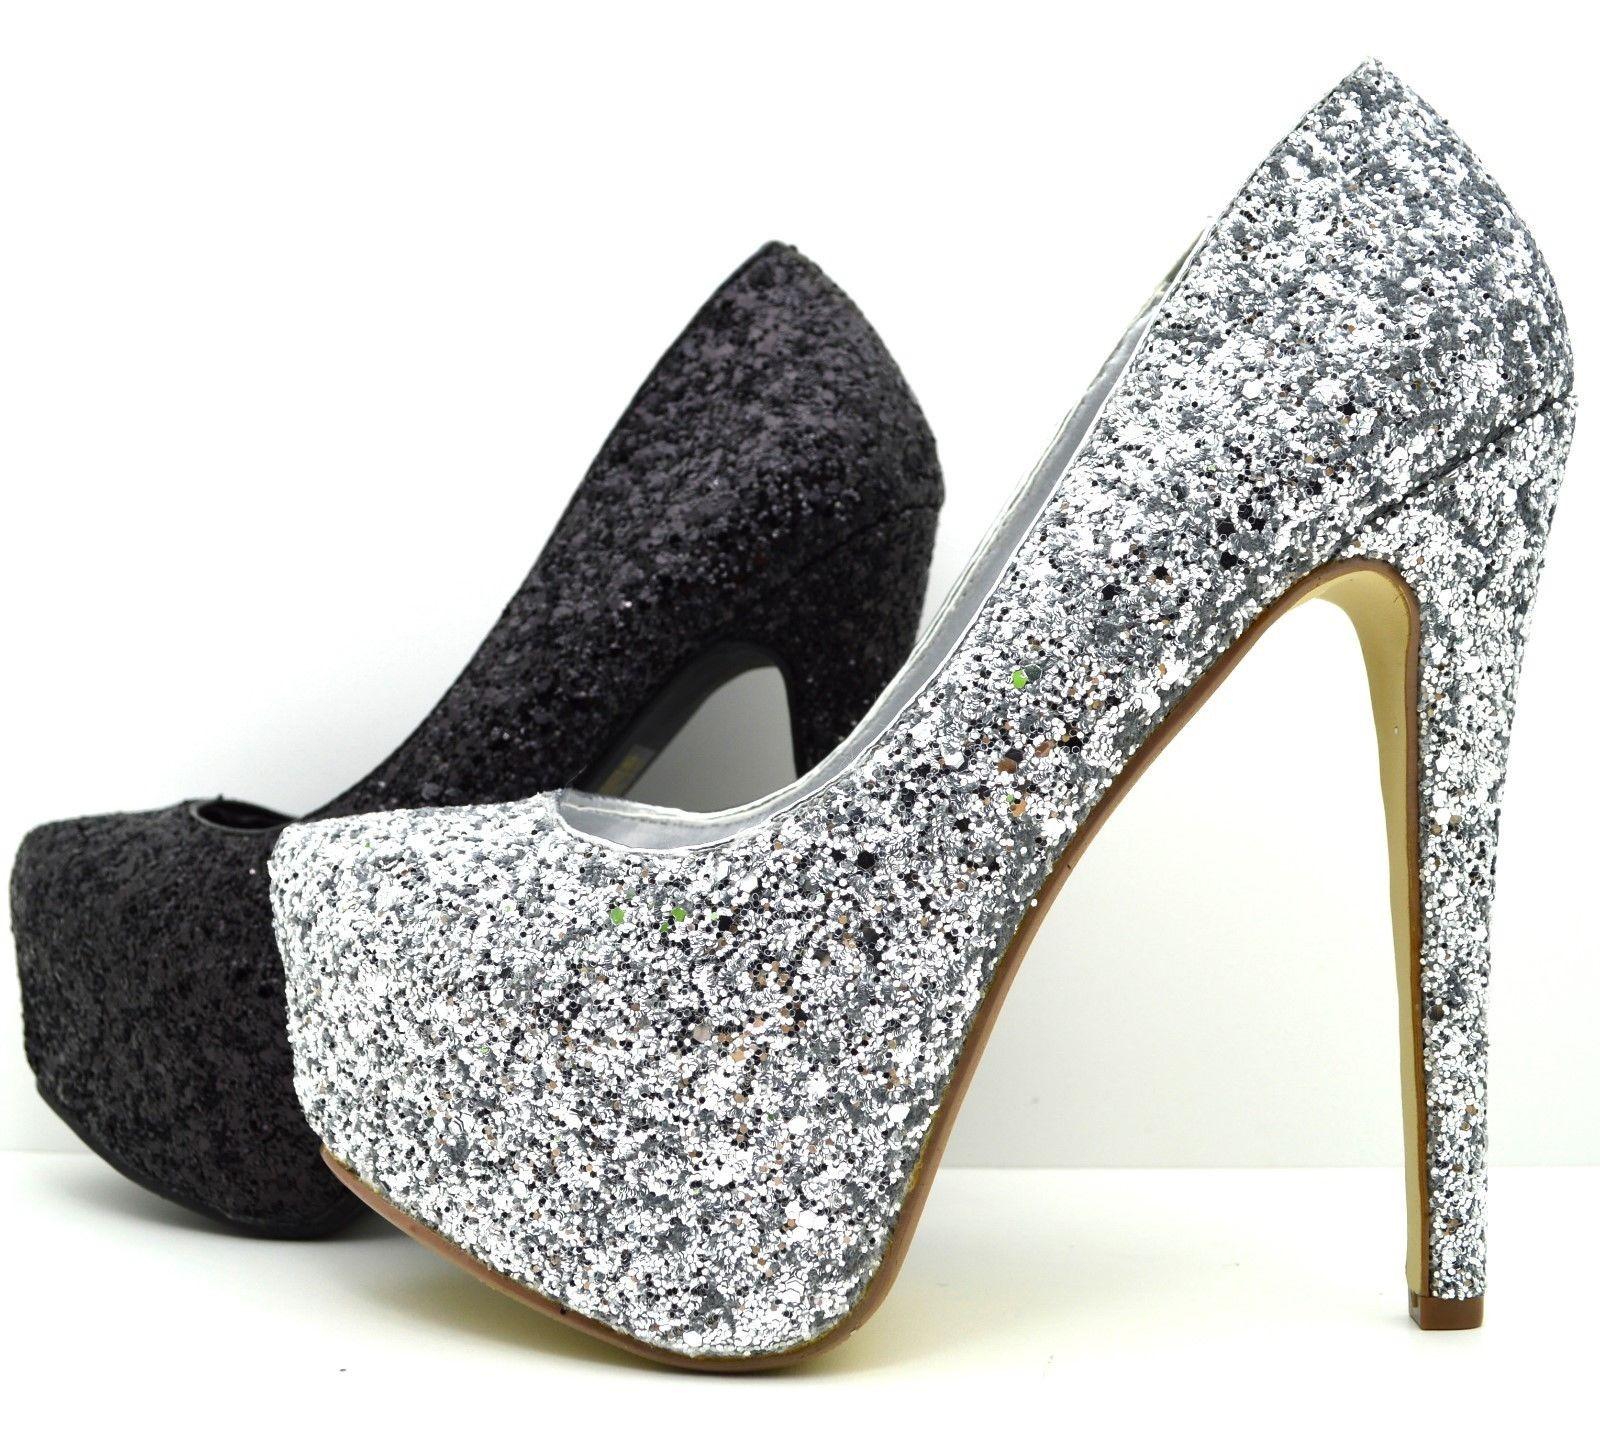 Scarpe donna Decolletè con glitter tacco alto zeppe con plateau alte con  strass - ebello.it dcc9c9484d5